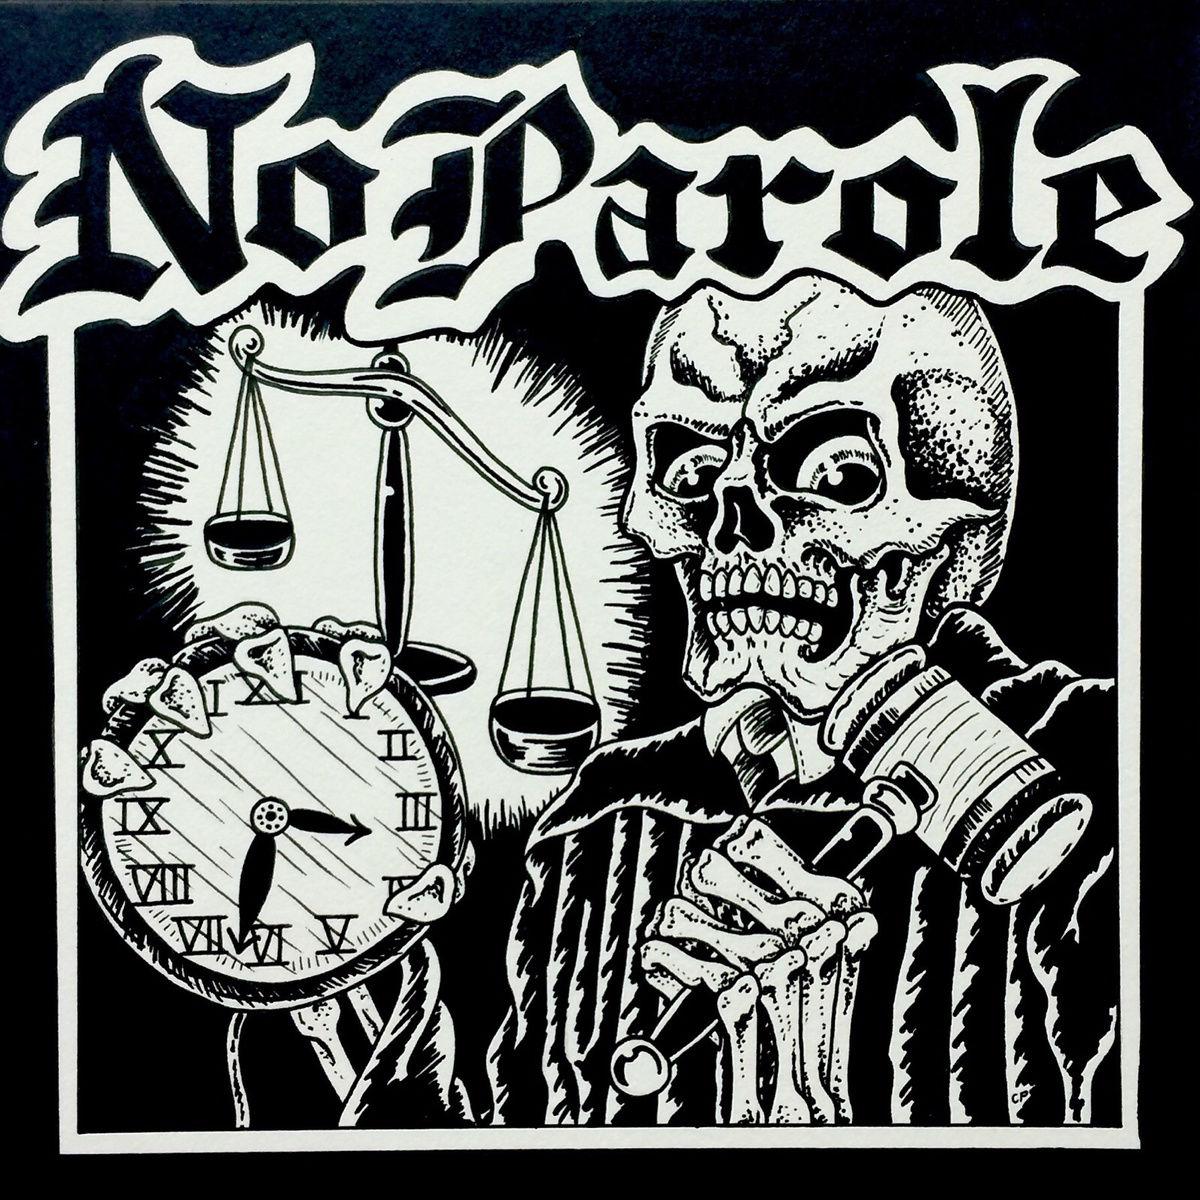 No Parole - EP 2015 - Punk, Oi! - www.awayfromlife.com